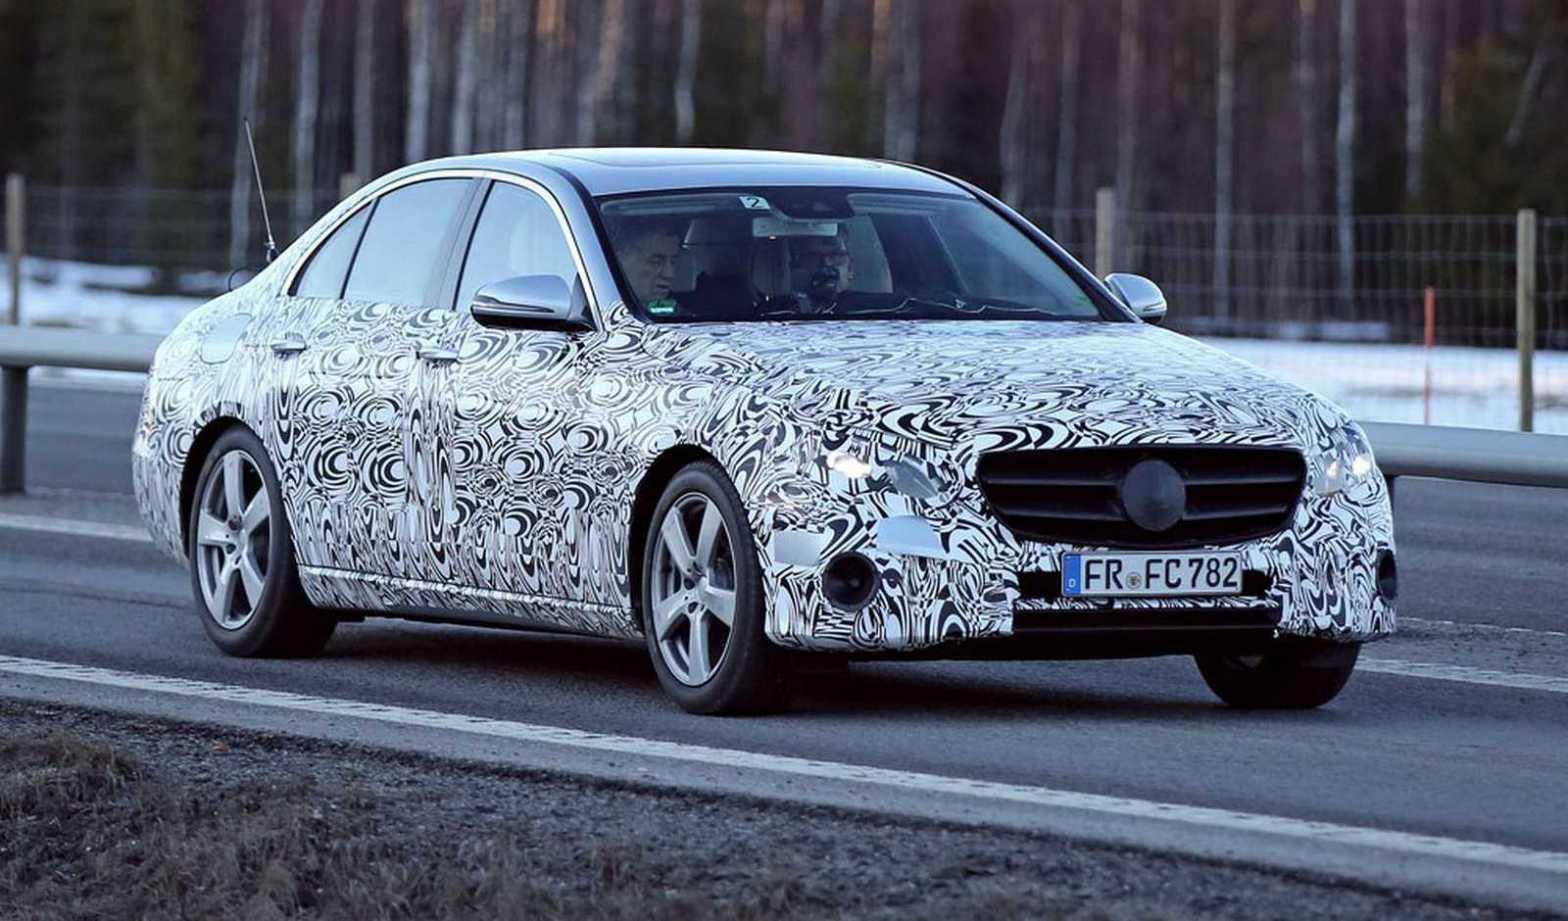 Mercedes Benz E-Class 2017 Edition